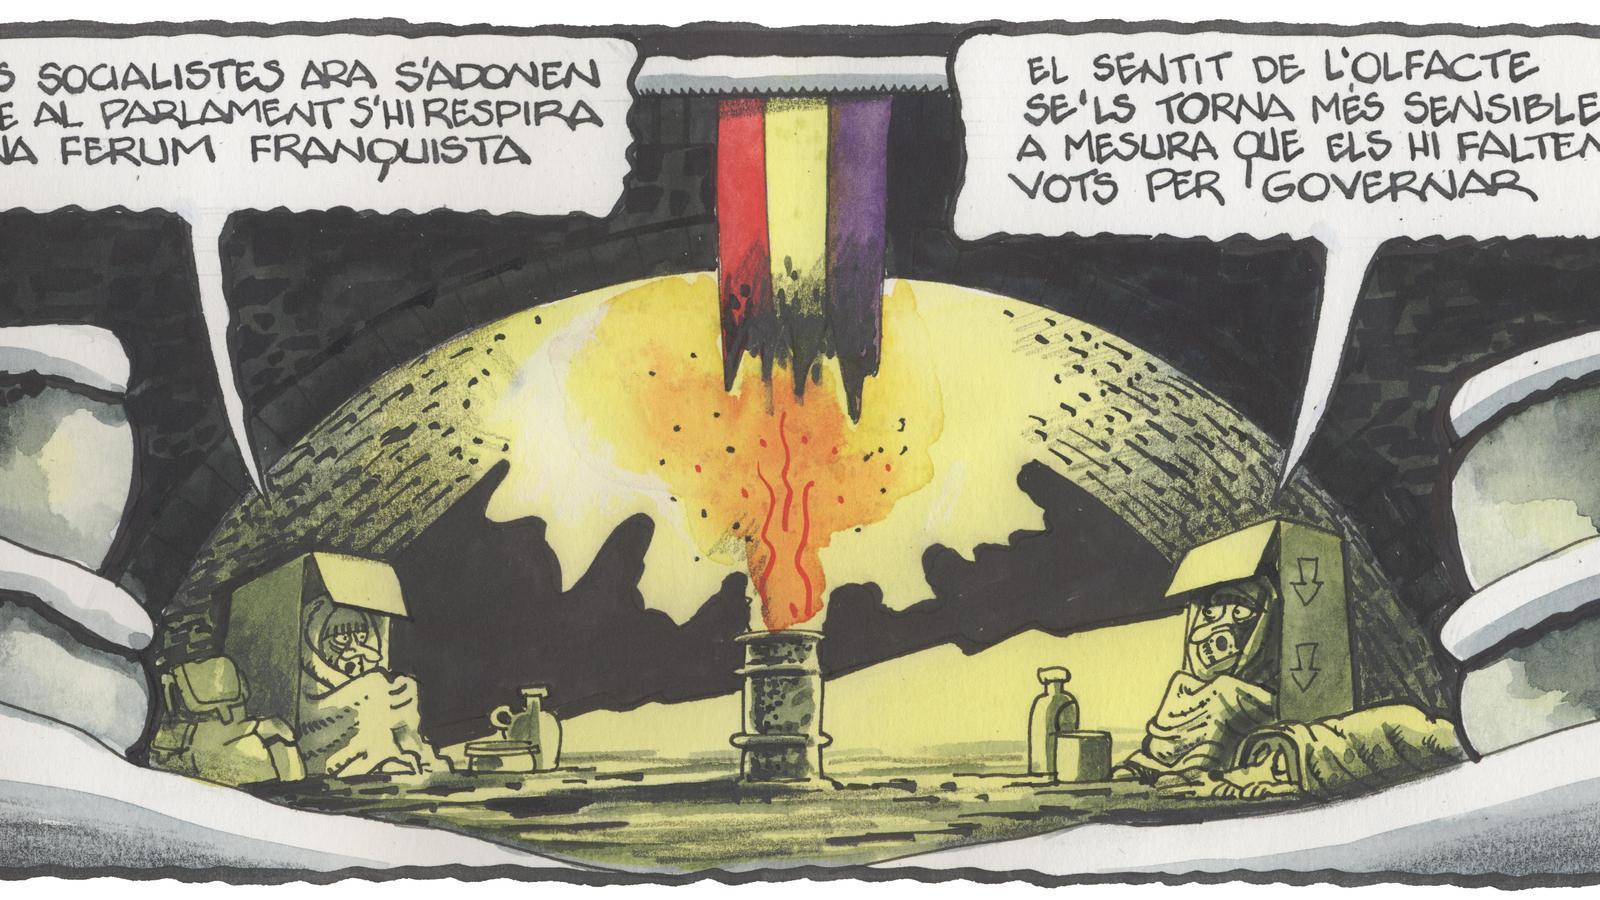 'A la contra', per Ferreres 13/01/2020